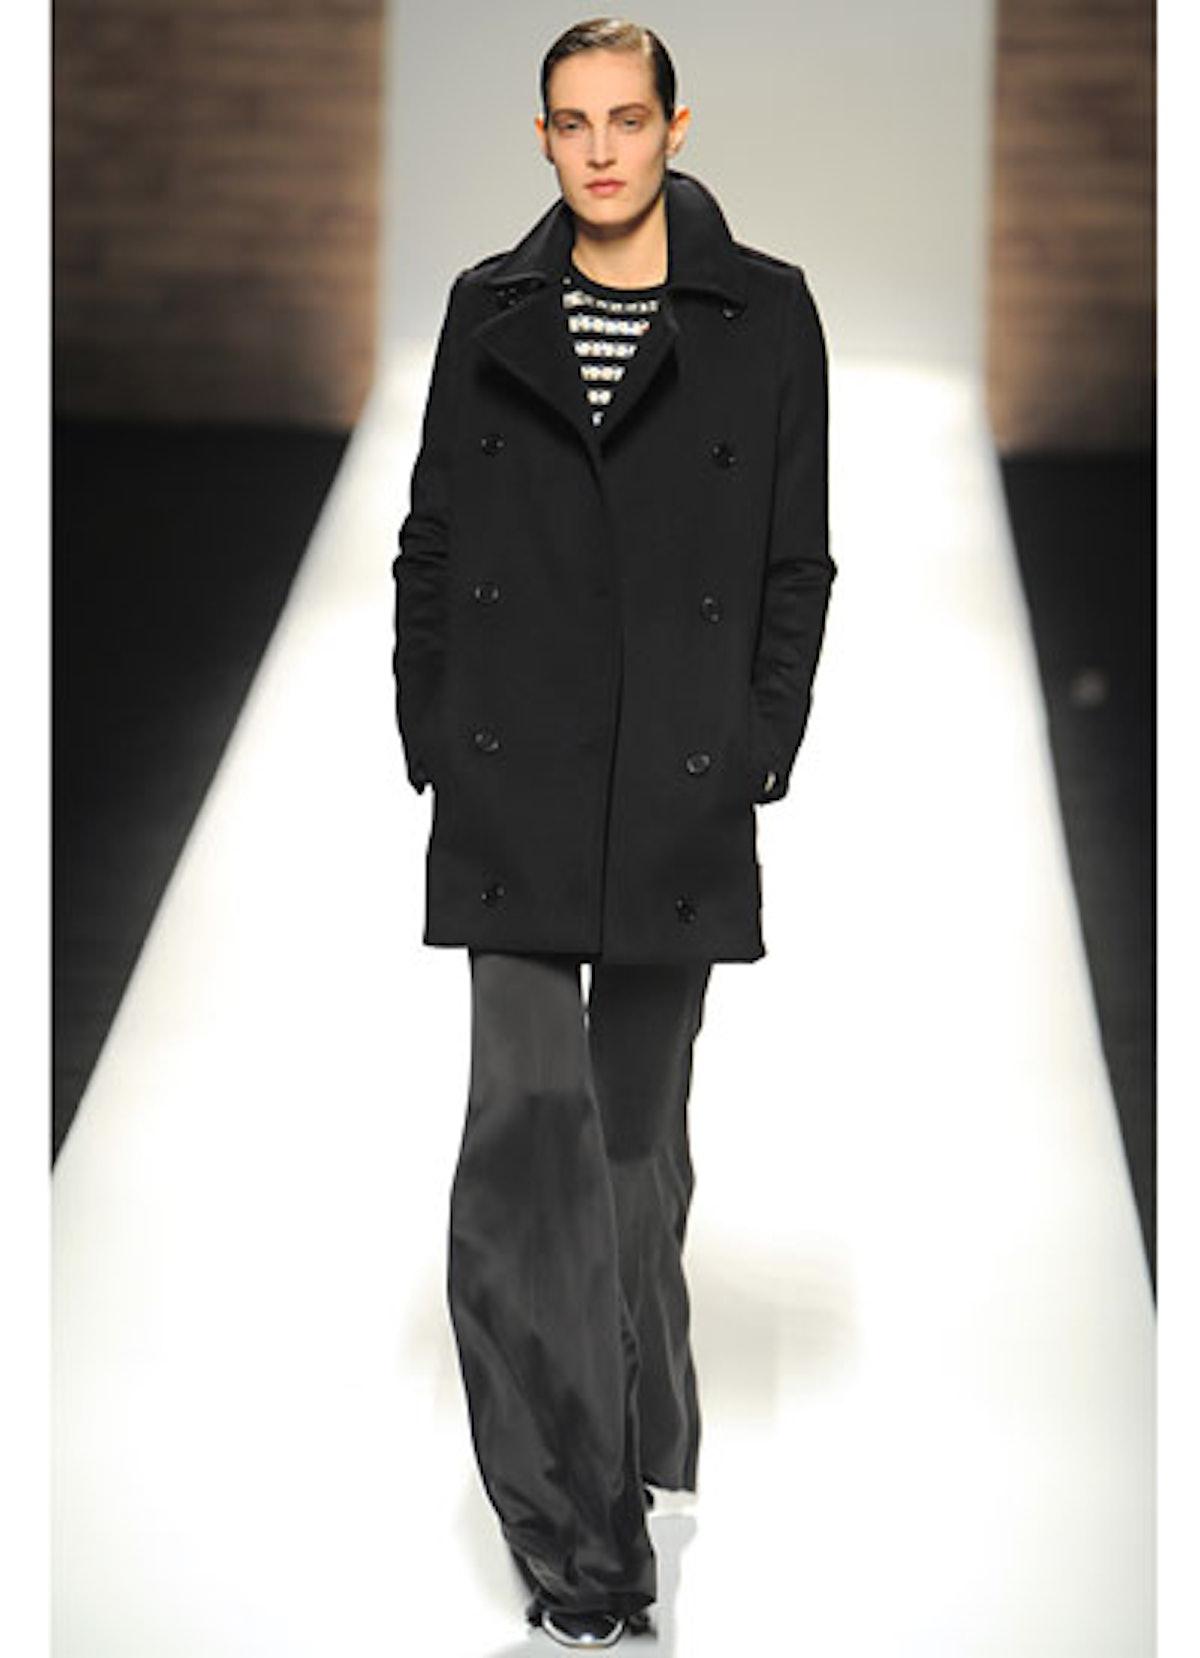 fass-fall-2012-fashion-roundup-29-v.jpg